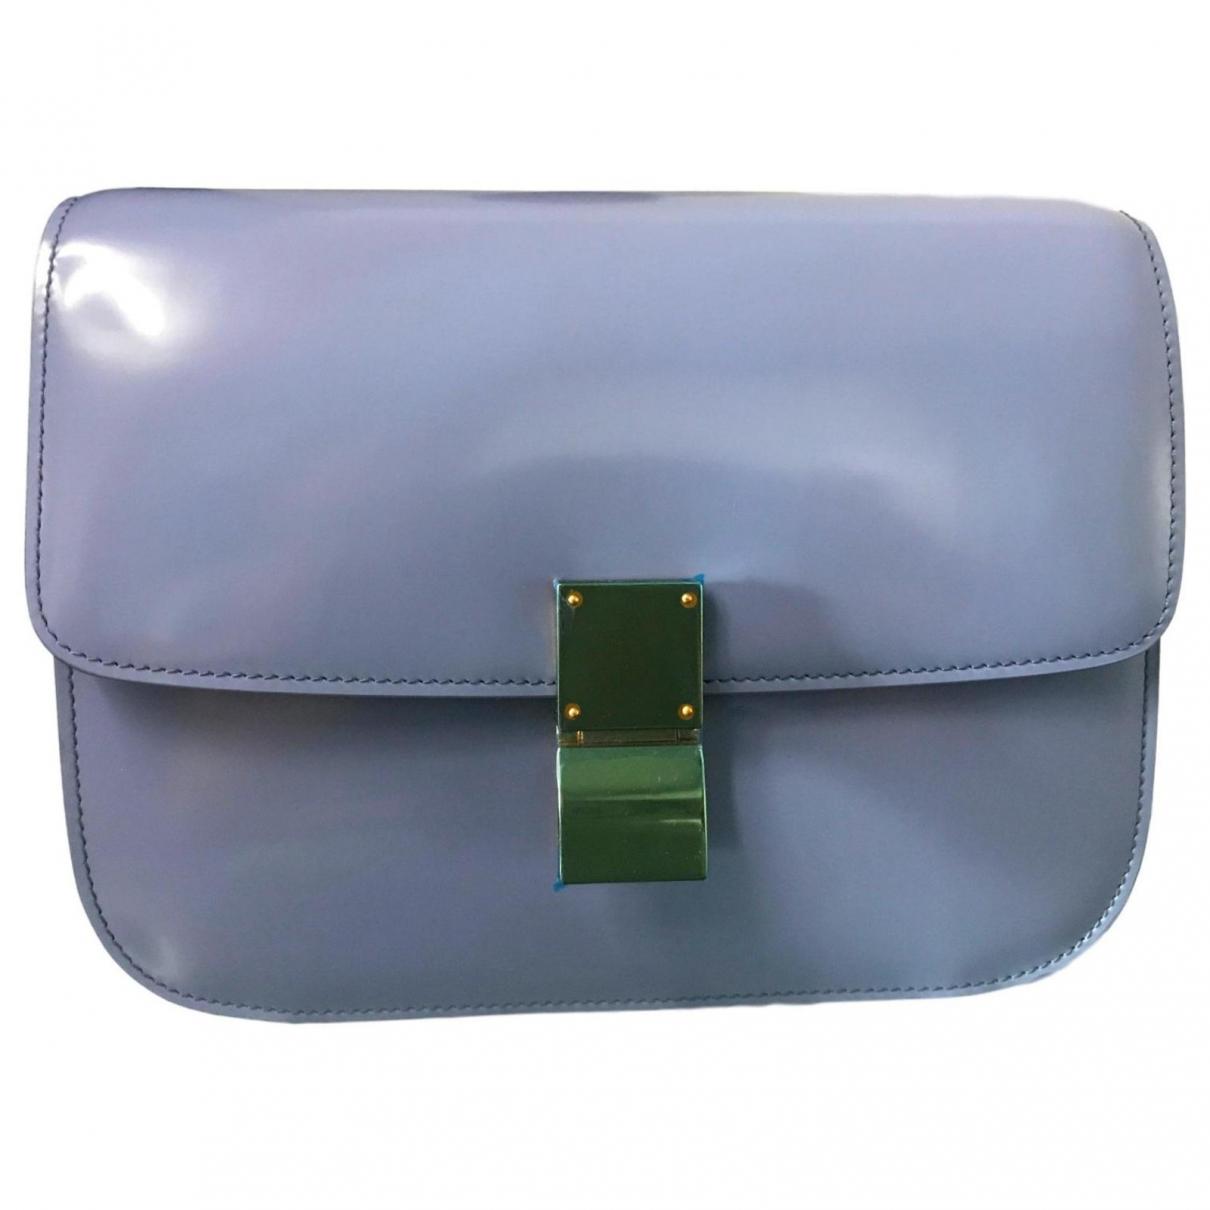 Celine - Sac a main Classic pour femme en cuir - bleu